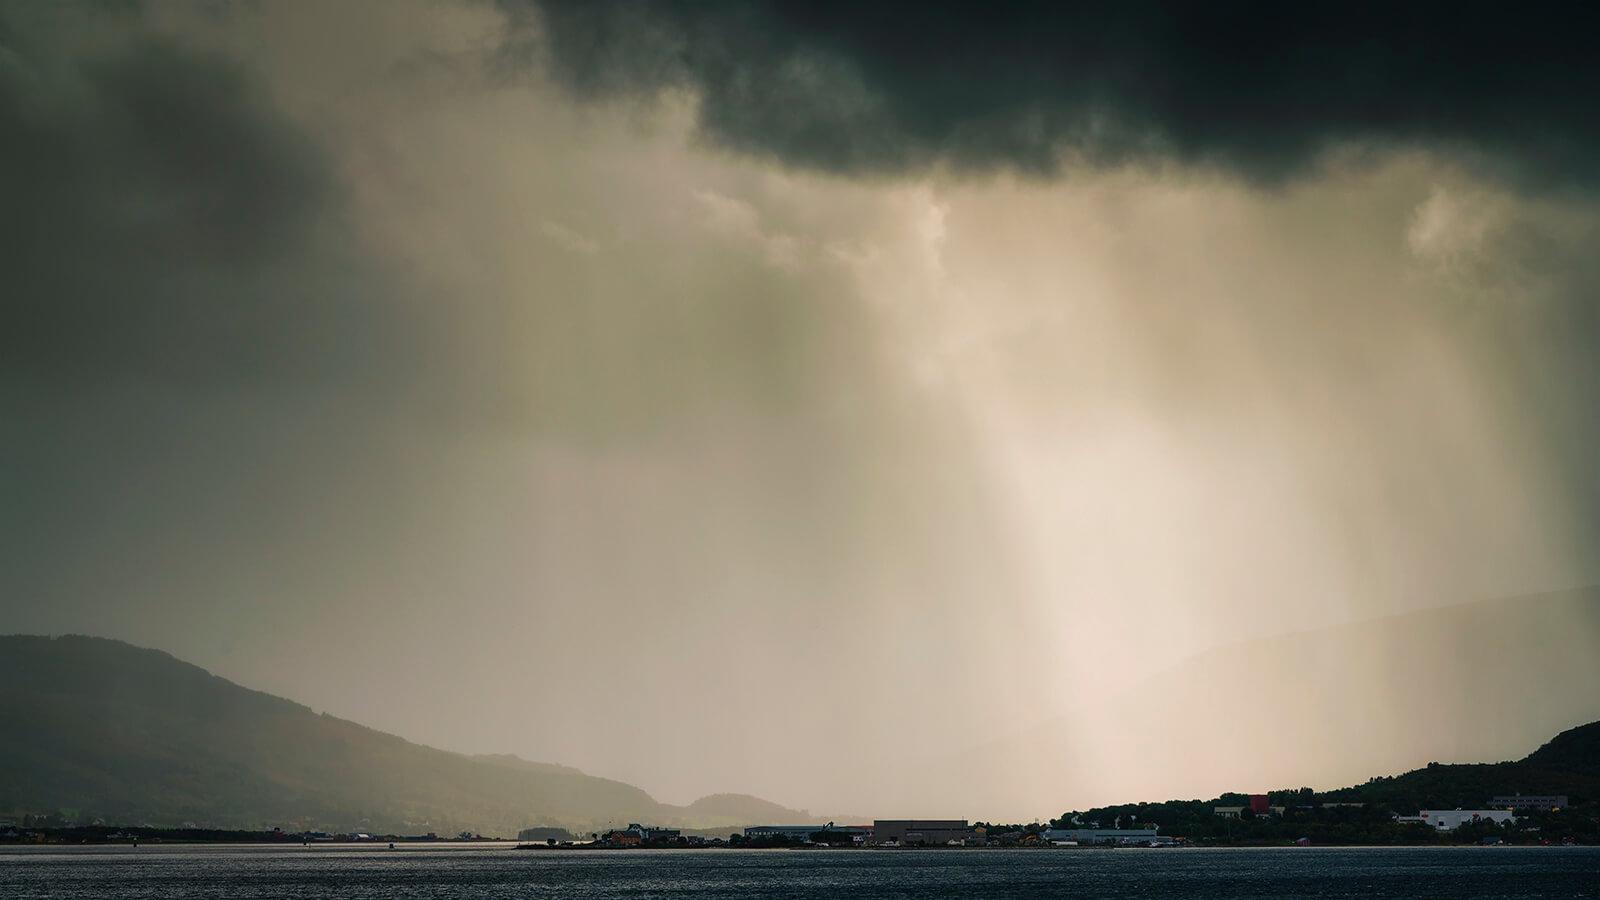 After rain comes sunshine by Joakim Jormelin